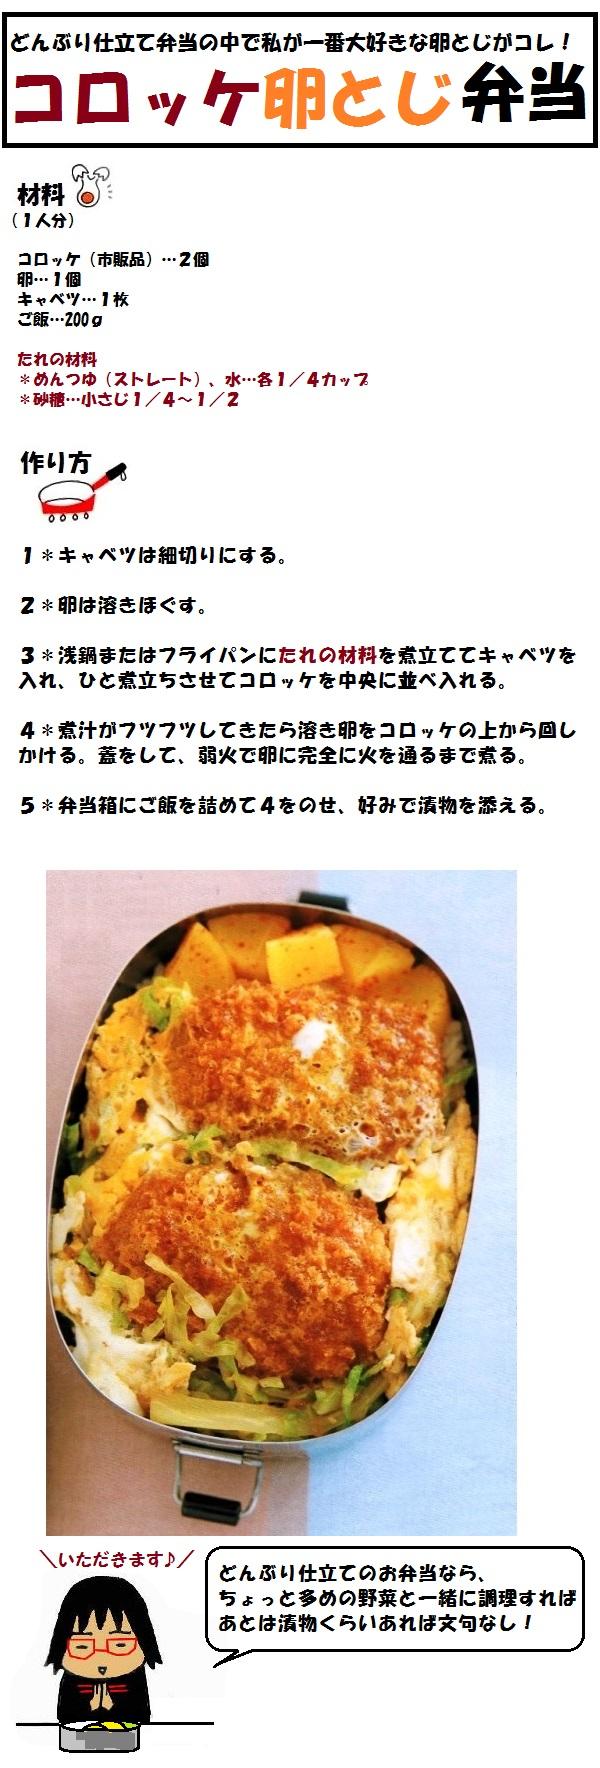 弁当(コロッケ卵とじ)